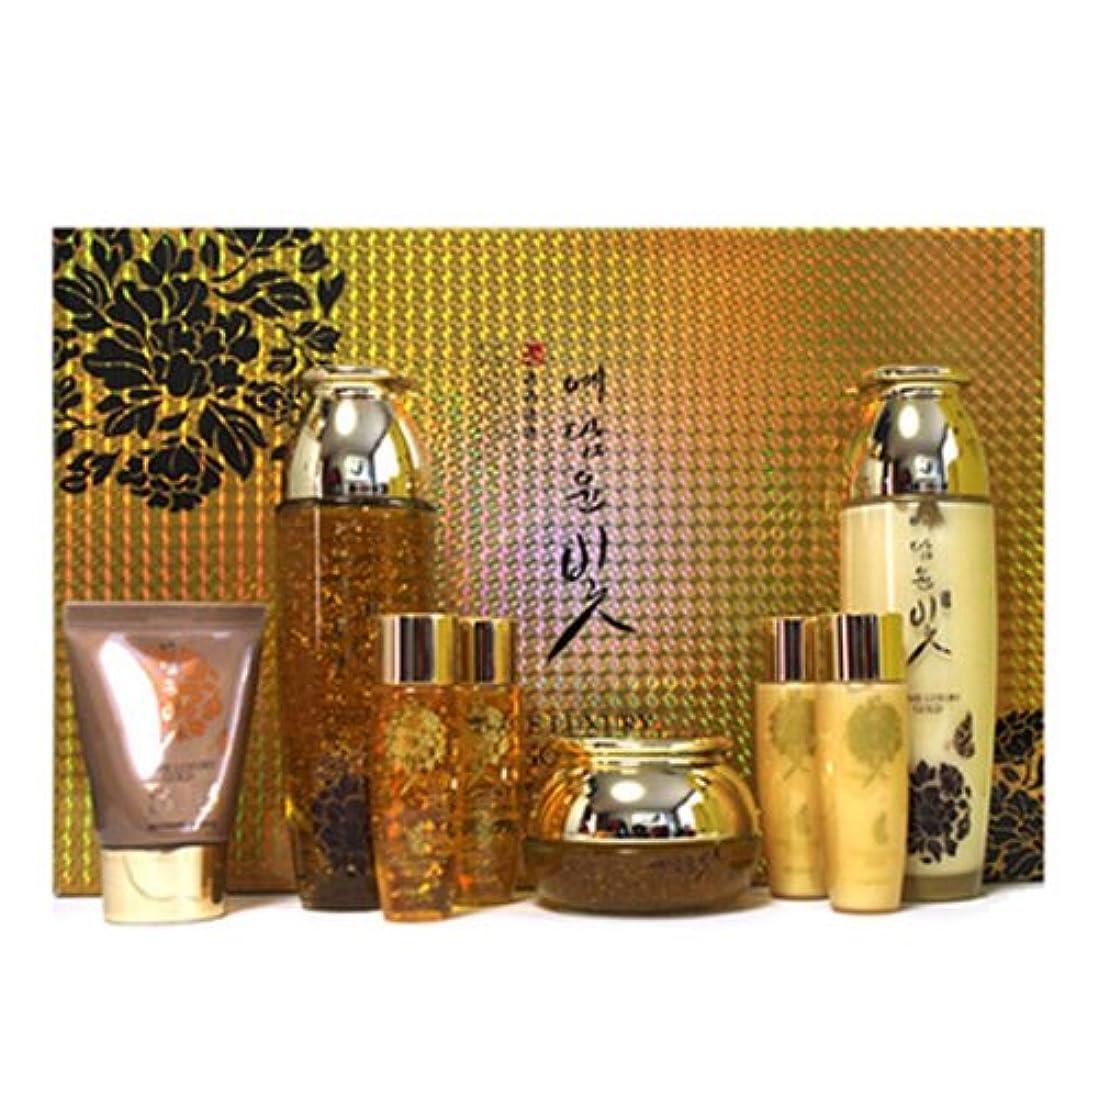 ジャンル列挙する頬イェダムユンビト[韓国コスメYedam Yun Bit]Prime Luxury Gold Skin Care Set プライムラグジュアリーゴールドスキンケア4セット 樹液 乳液 クリーム/ BBクリーム [並行輸入品]